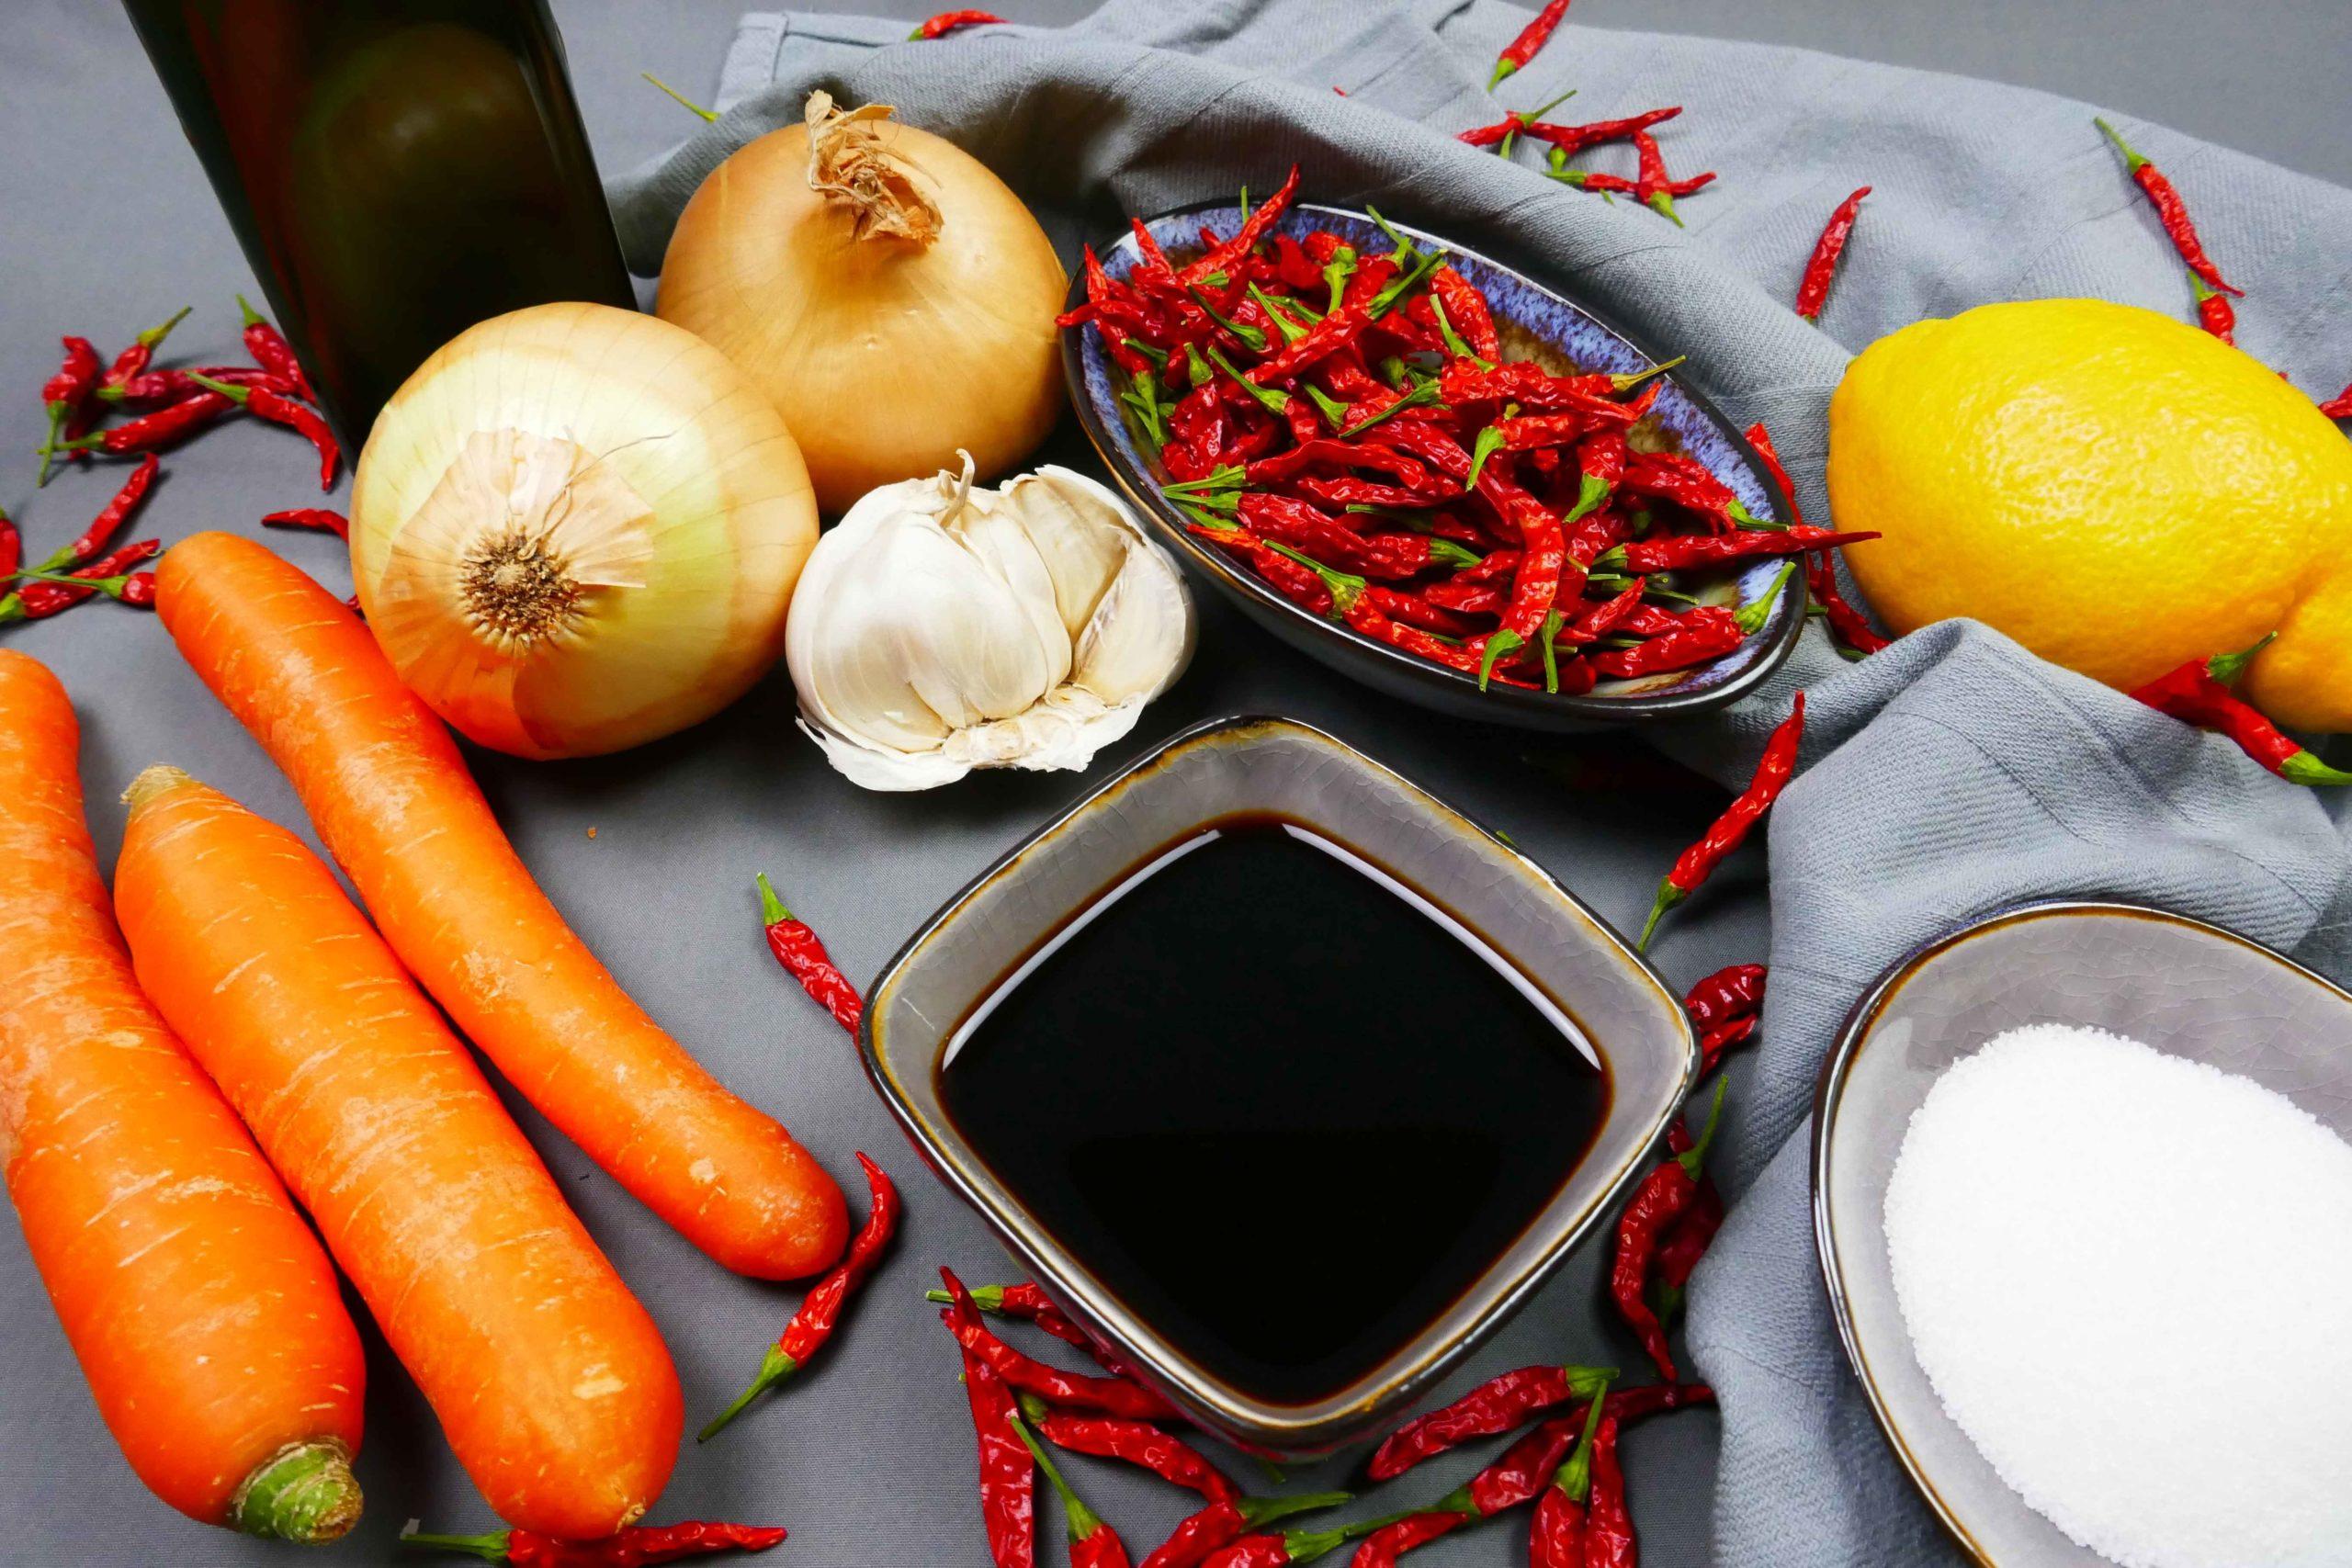 Zutaten für die vegane Tom Yam Chili Paste, dunkle und helle Sojasauce, Zucker, Zitronen, Chilischoten, Thaichilis, Zwiebeln, Knoblauch und Karotten